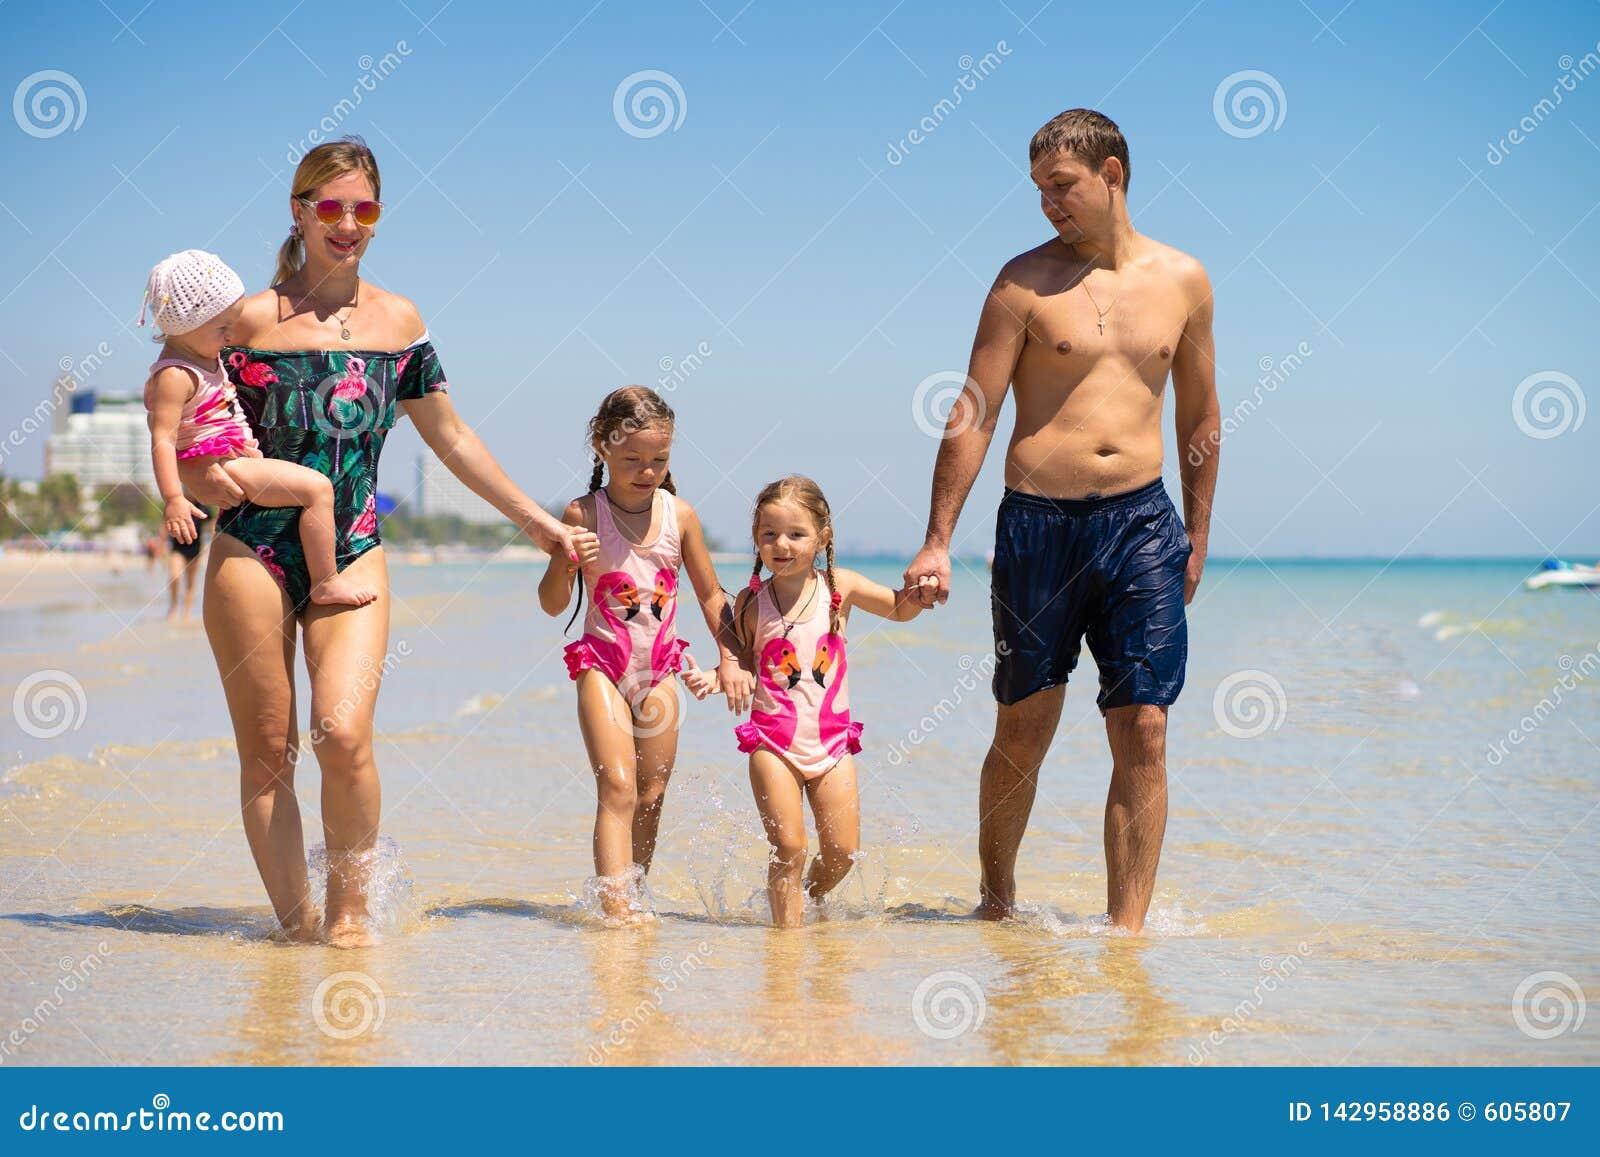 Den stora lyckliga familjen har gyckel på stranden begrepp av en stor familj på havet Stranden danar